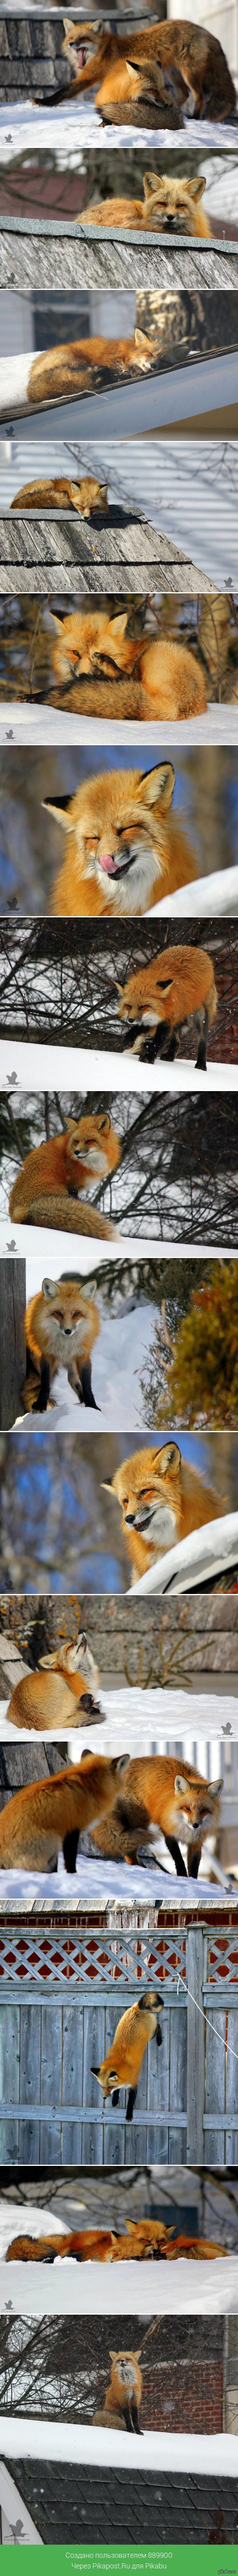 000 приметы лиса во дворе как